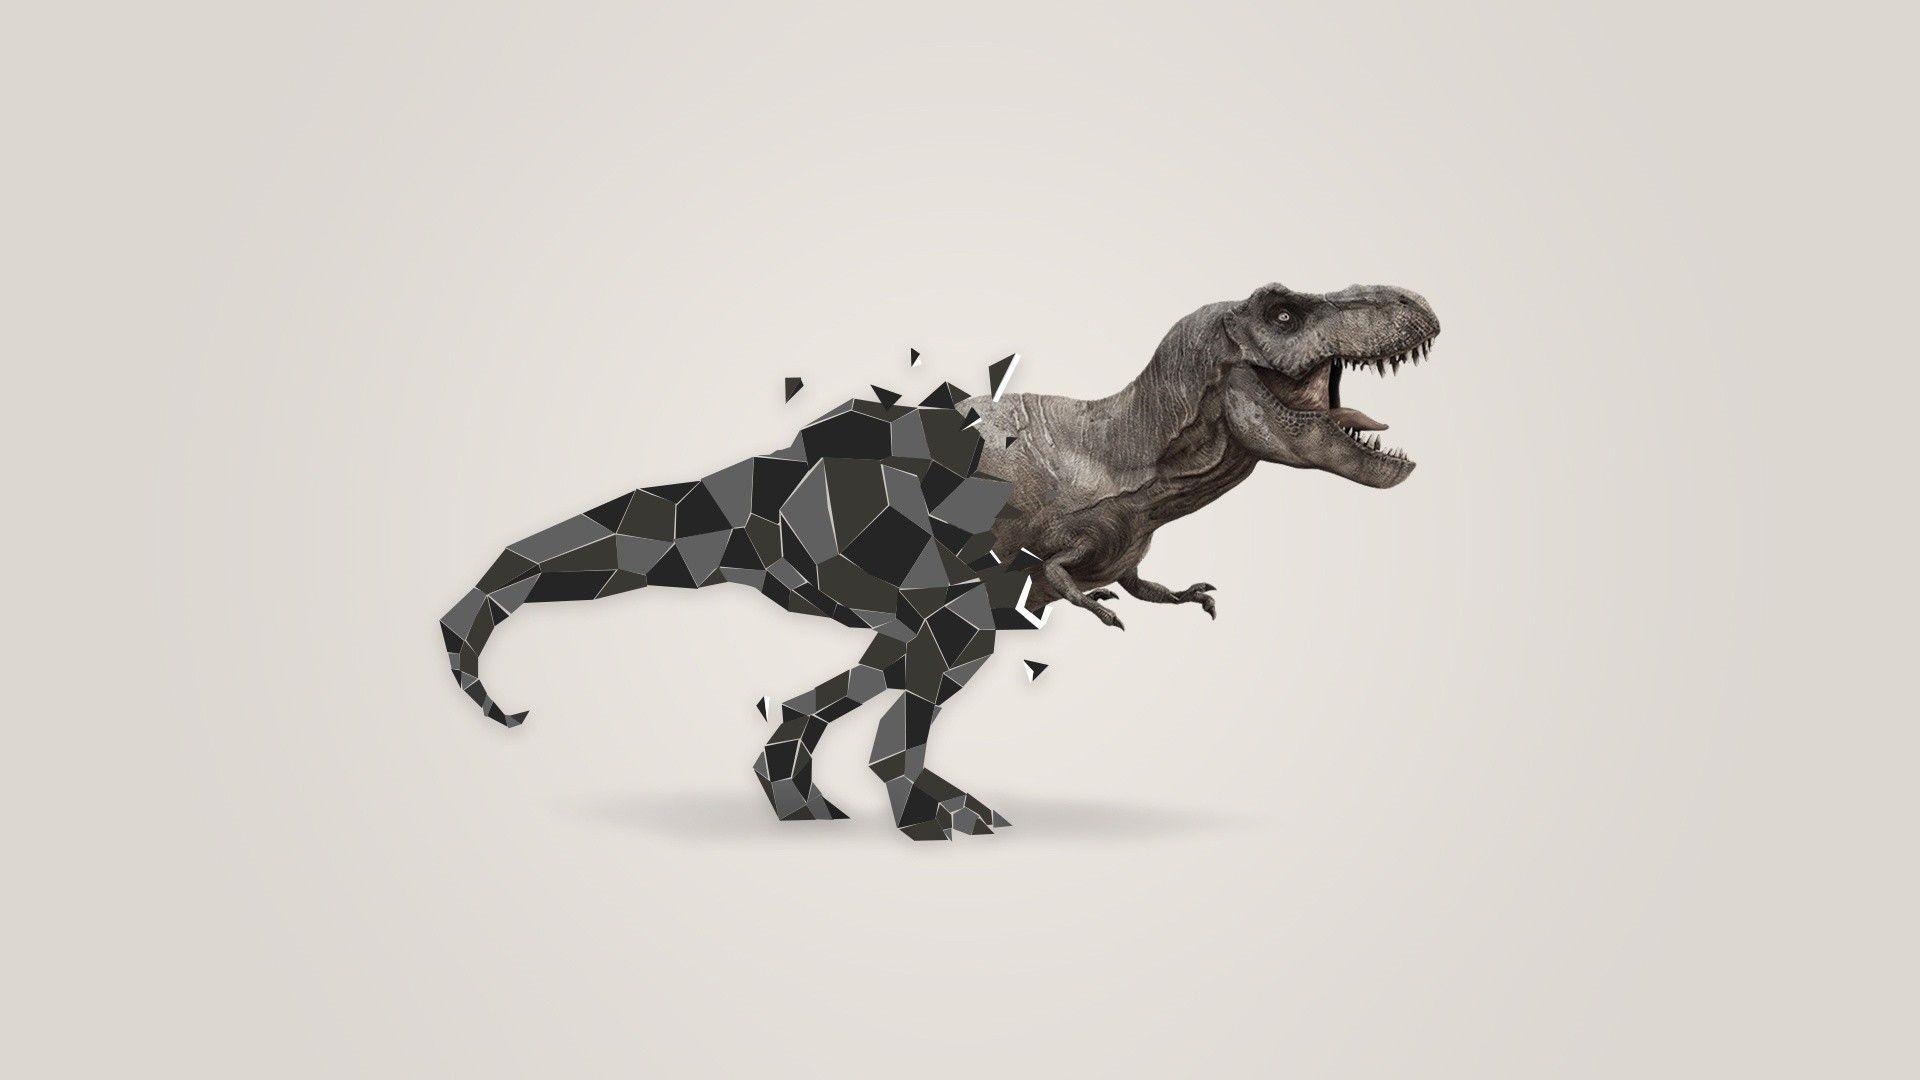 Minimalist Dinosaur Wallpaper HD